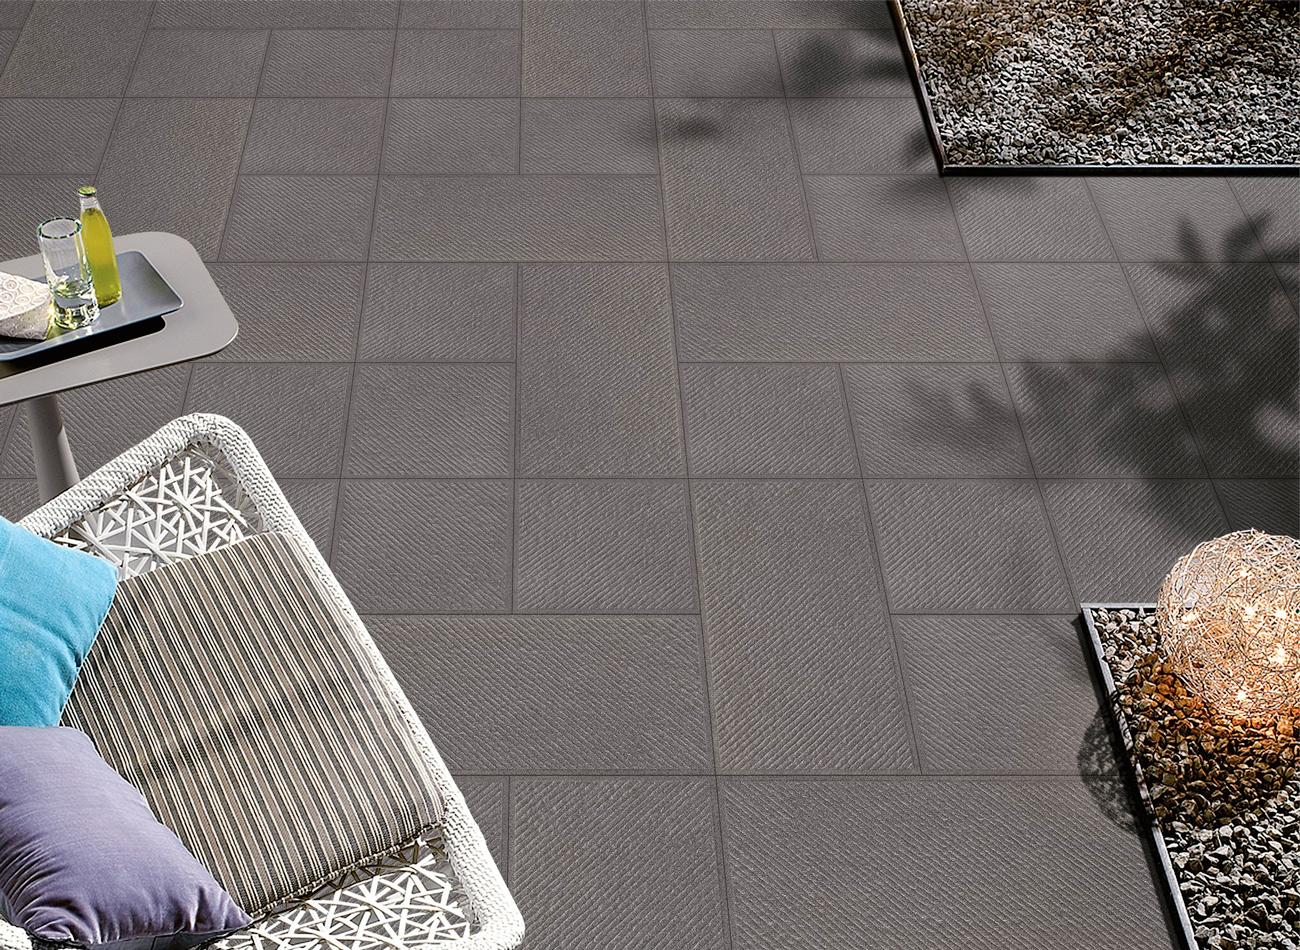 Pavimento In Pietra Naturale Per Interni : Pavimenti pietra canova per esterni interni con pavimenti in